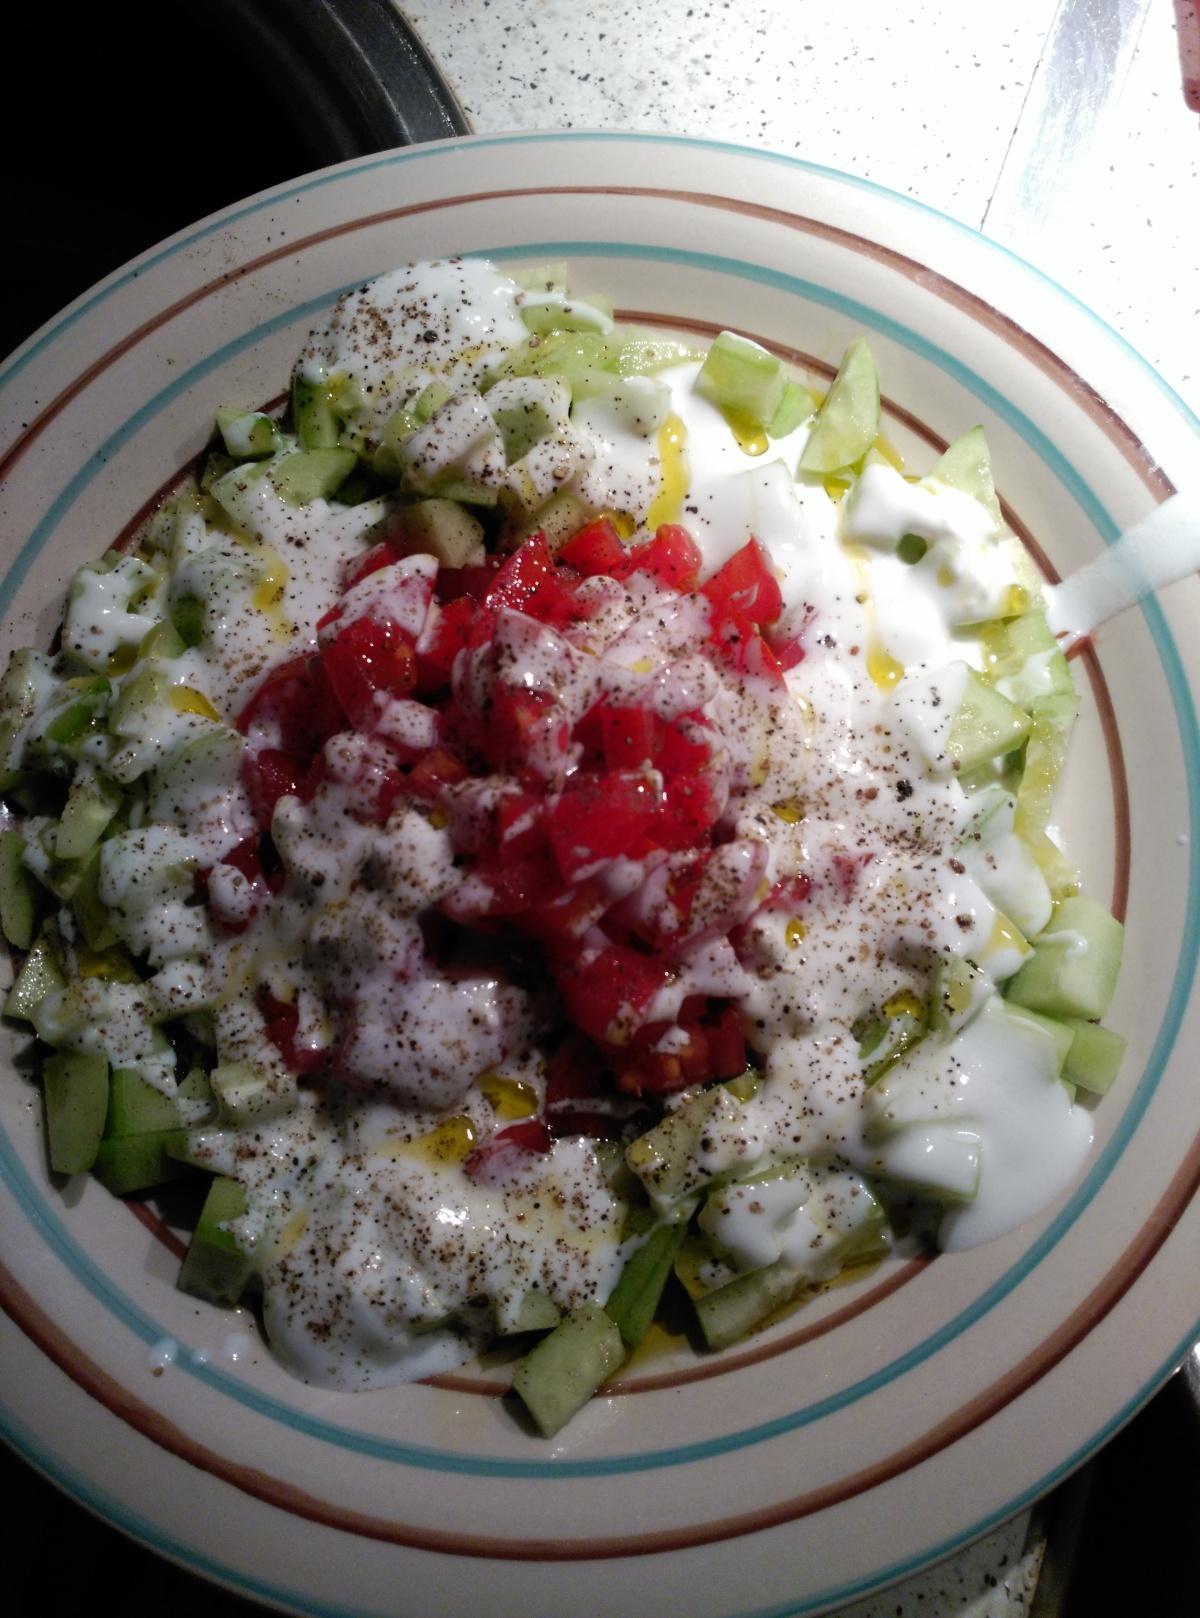 Nueva receta en sección: Ensalada de primavera conyogur